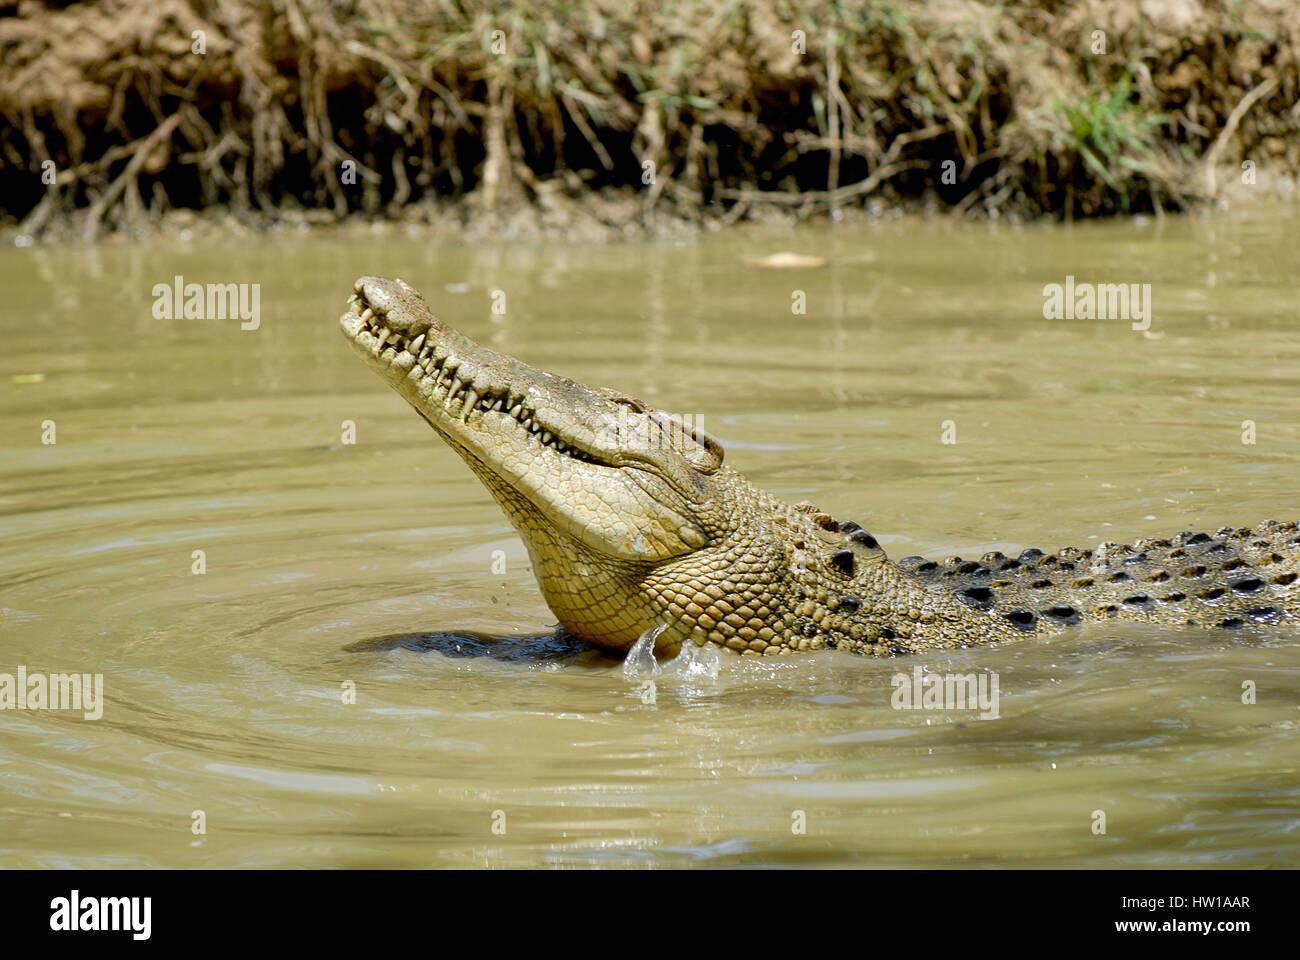 Krokodil Foto de stock